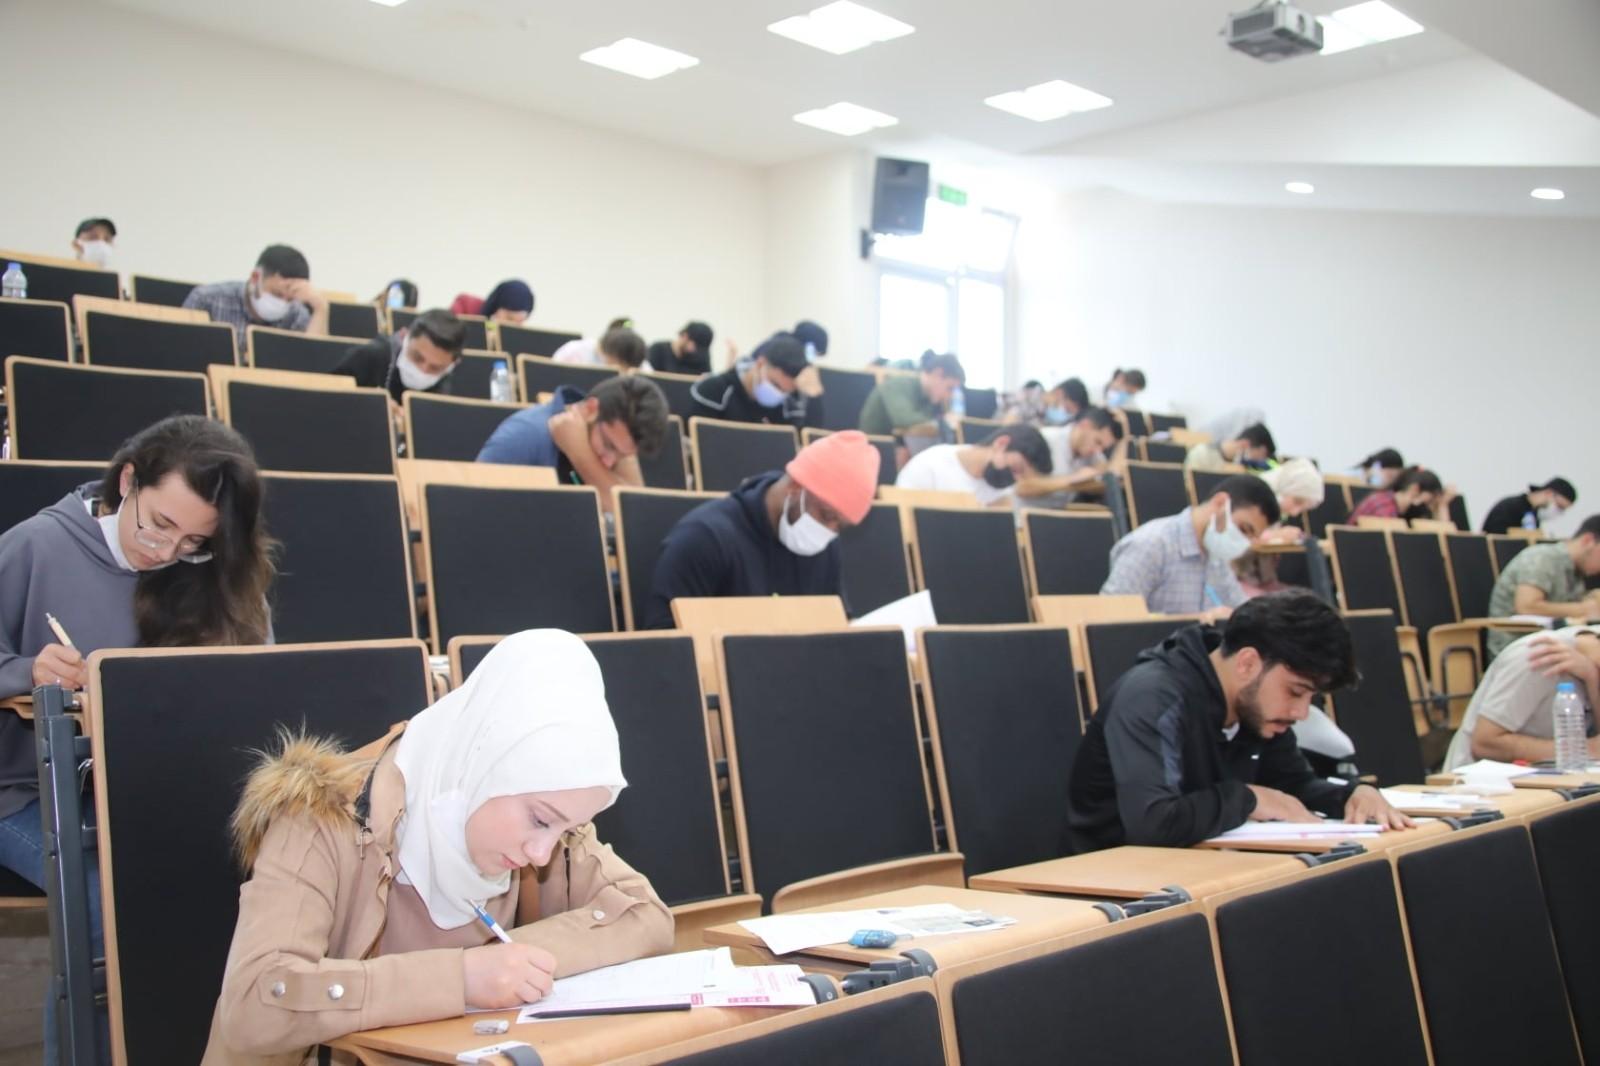 Tokat'ta yabancı uyruklu öğrencilerin sınav heyecanı